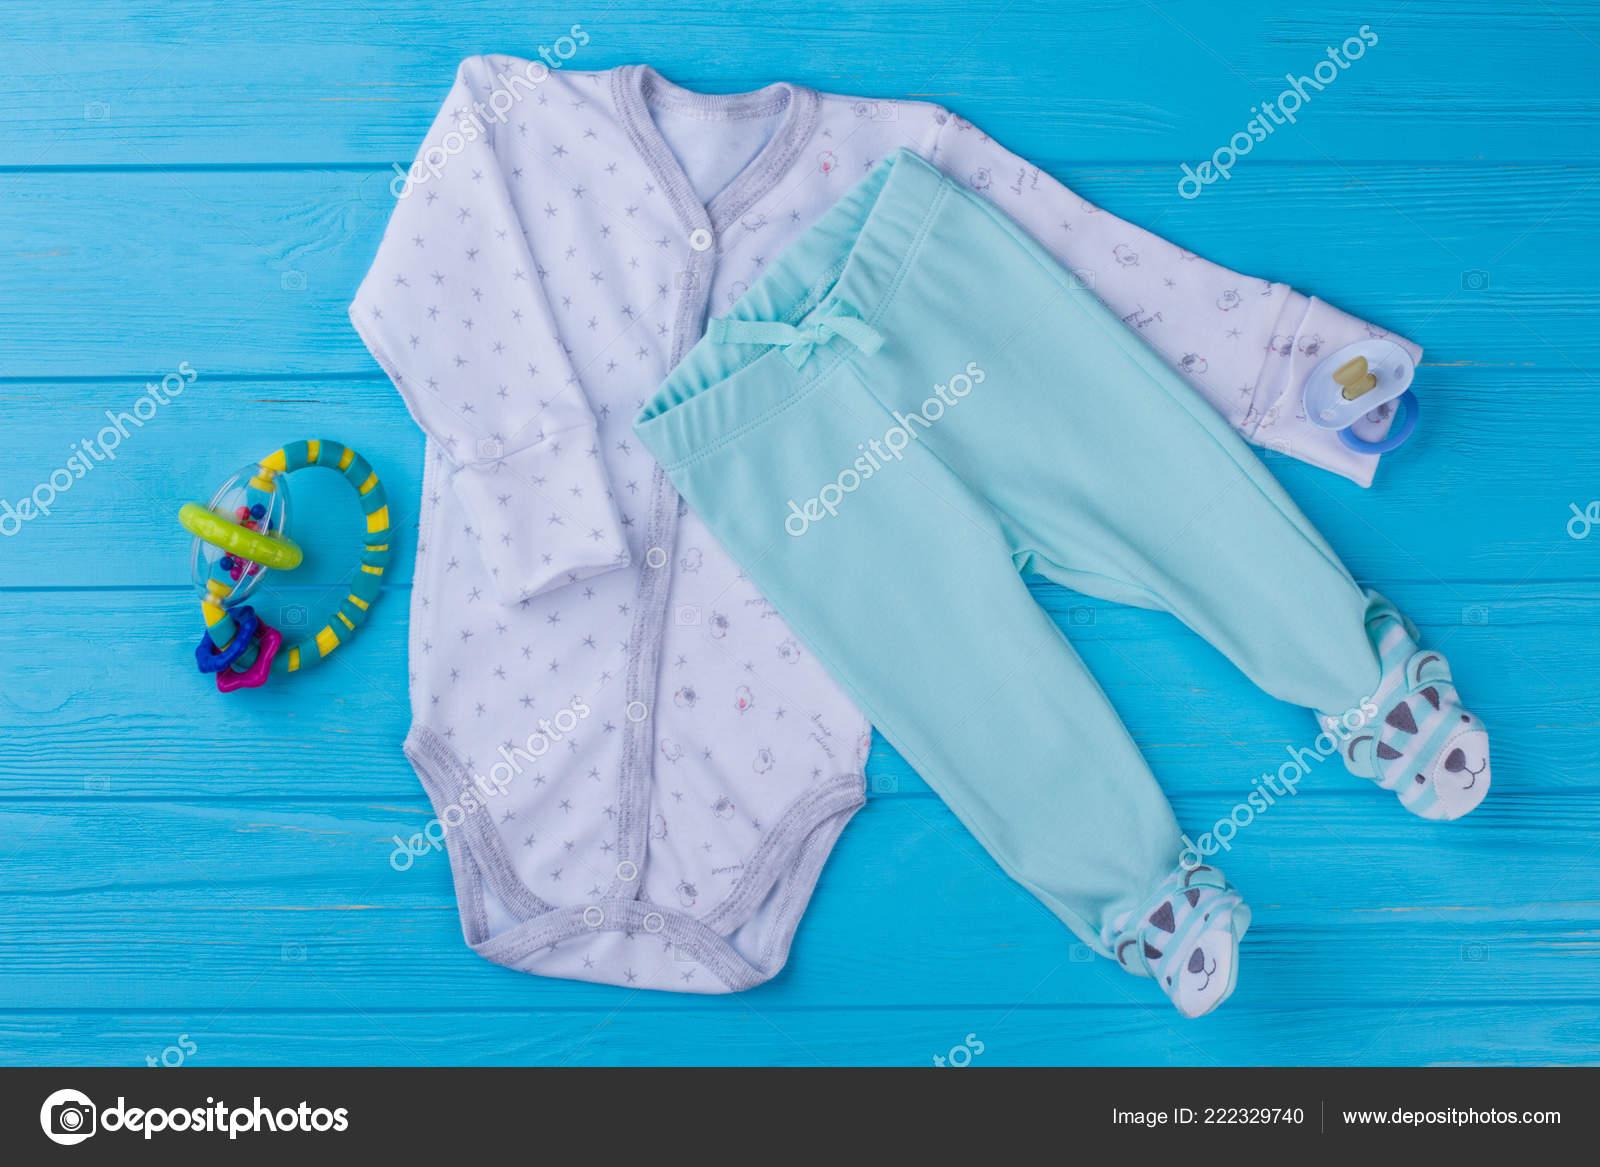 b04d1518f4a0 Bebé pijama sonajero juguete y. Enterizo de niño blanco y pantalones patas  divertidos. Fondo de madera azul — Foto de margostock